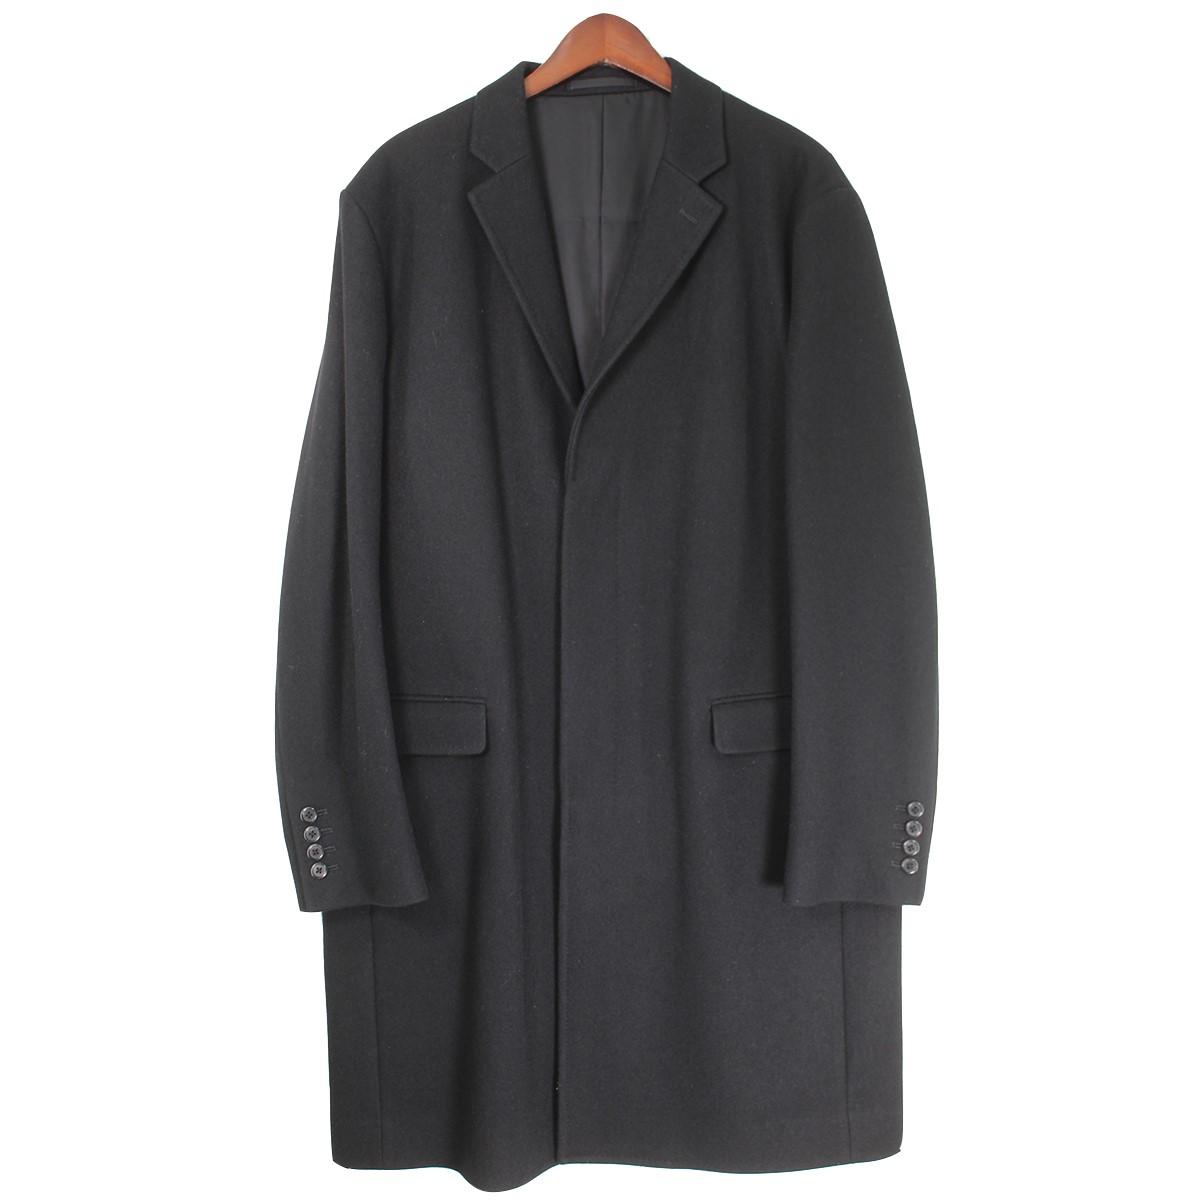 【中古】LAD MUSICIAN 18AW CHESTER COAT チェスターコート ブラック サイズ:46 【030320】(ラッドミュージシャン)